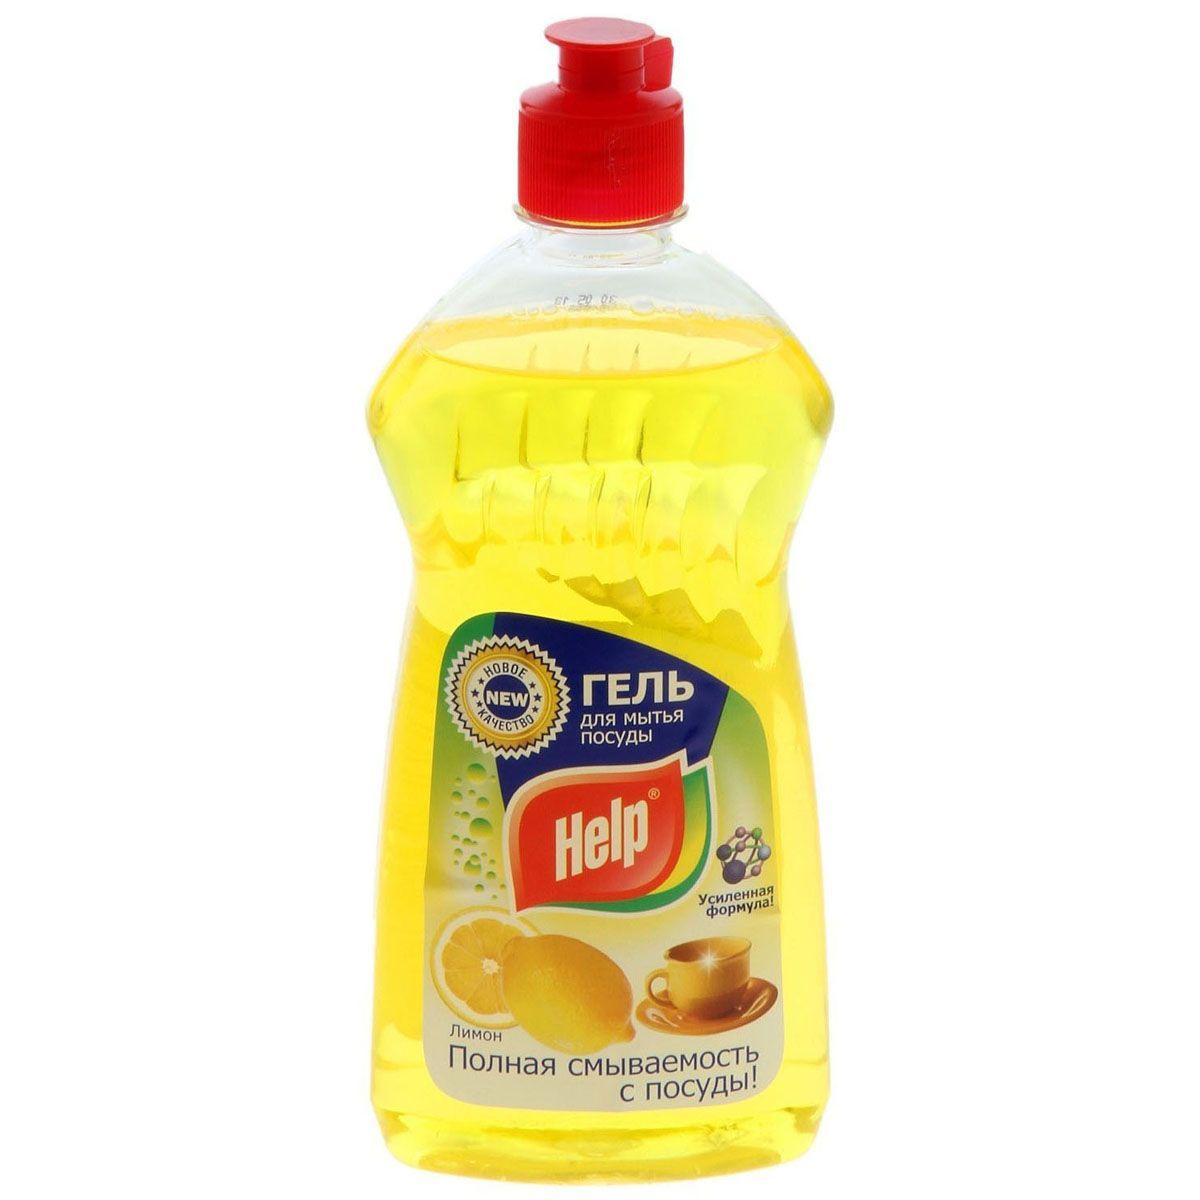 Средство для мытья посуды Help Лимон, 500 мл4605845000527Эффективное средство для мытья посуды. Отлично растворяет жир, как в горячей, так и в холодной воде, создает обильную пену.